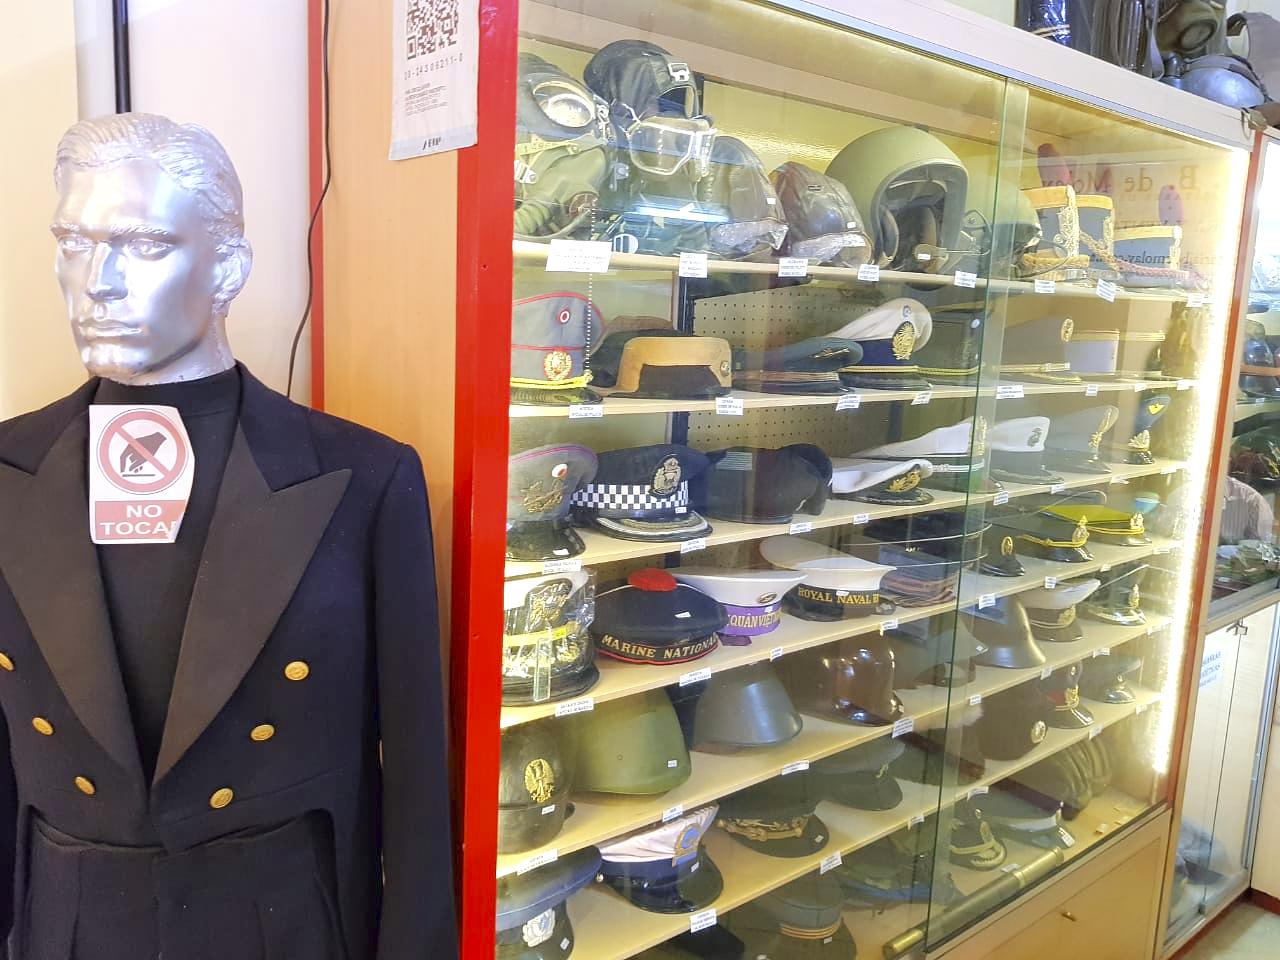 Capacetes militares antigos dentro de armário e manequim com uniforme militar em lojinha na feira de San Telmo.